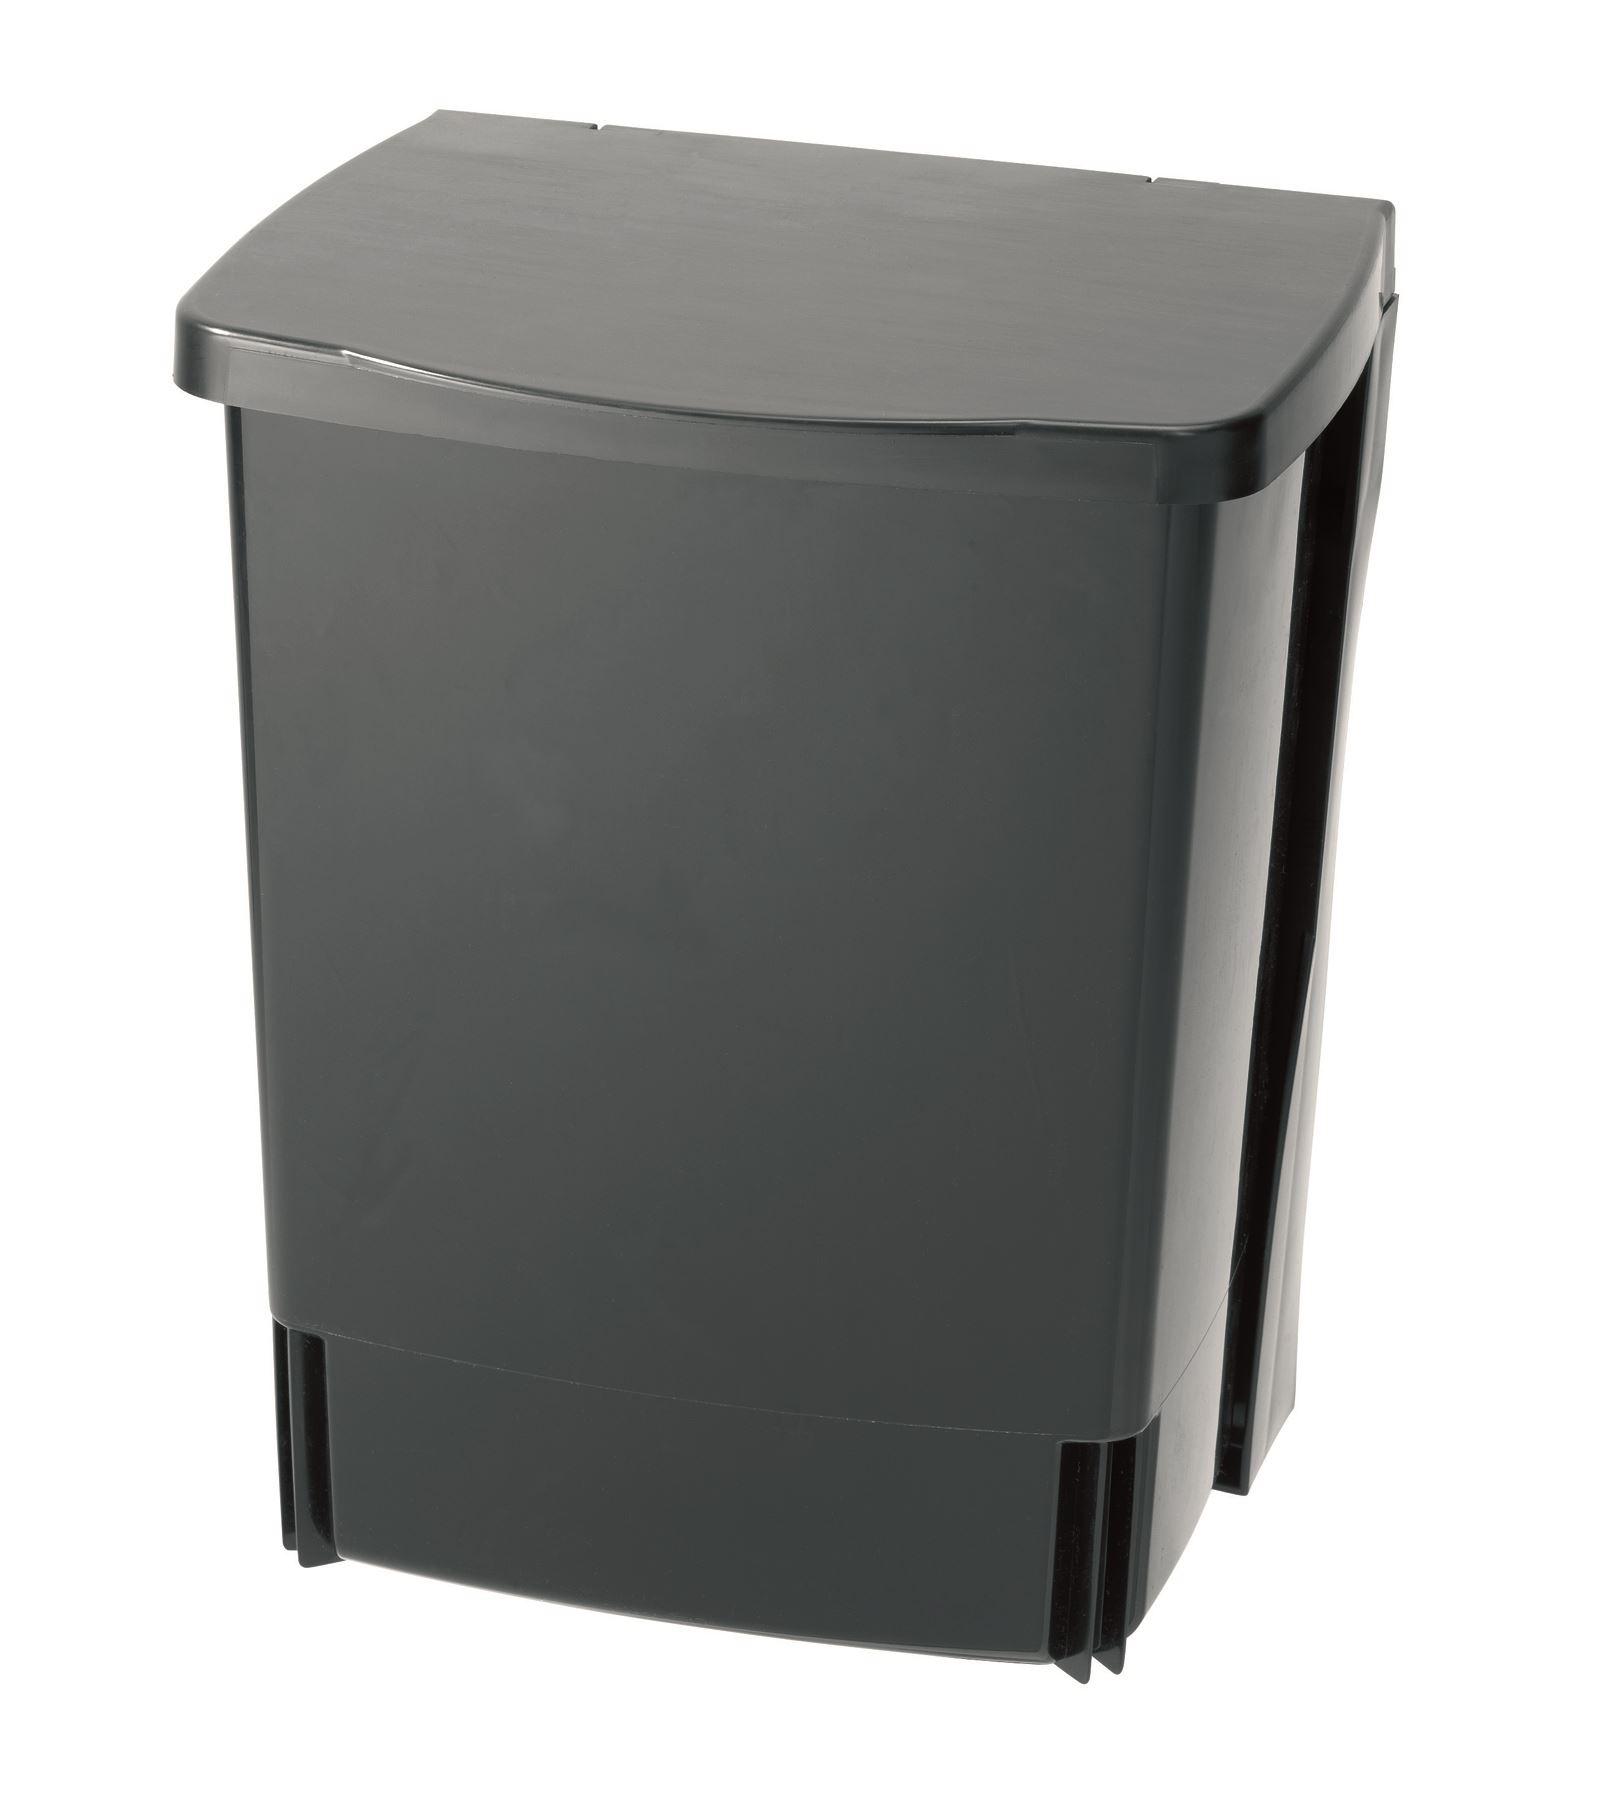 brabantia black kitchen under cupboard waste bin 10 litre. Black Bedroom Furniture Sets. Home Design Ideas